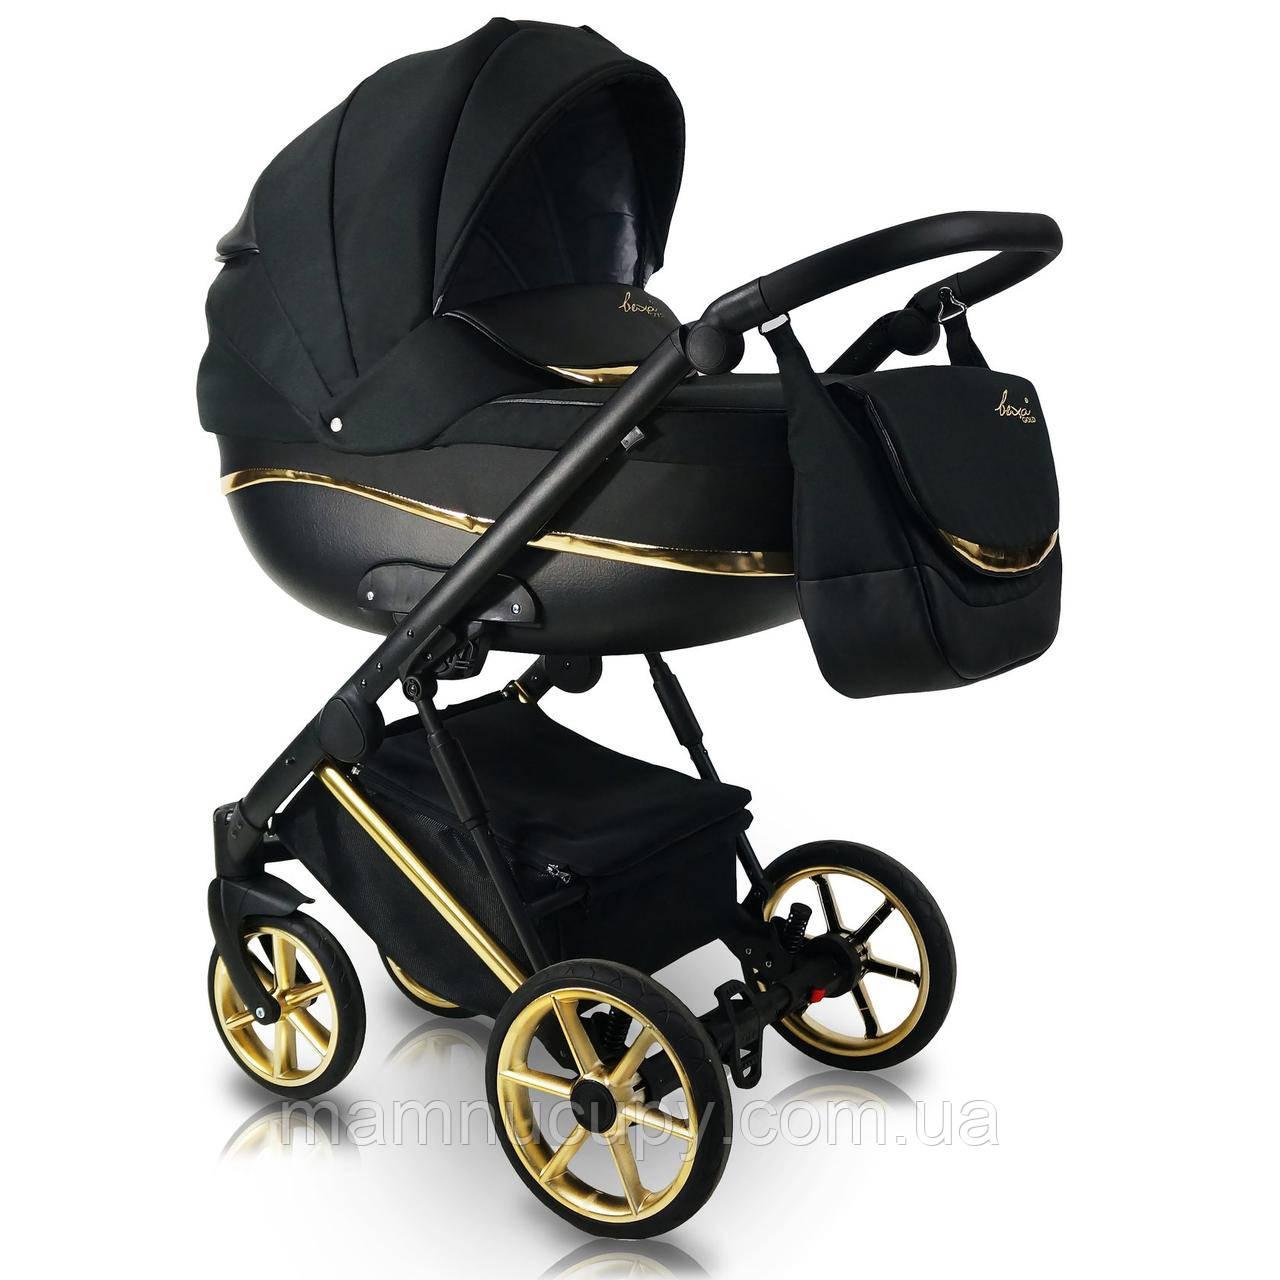 Детская универсальная коляска 2 в 1 Bexa Next Gold N1 (некст голд)